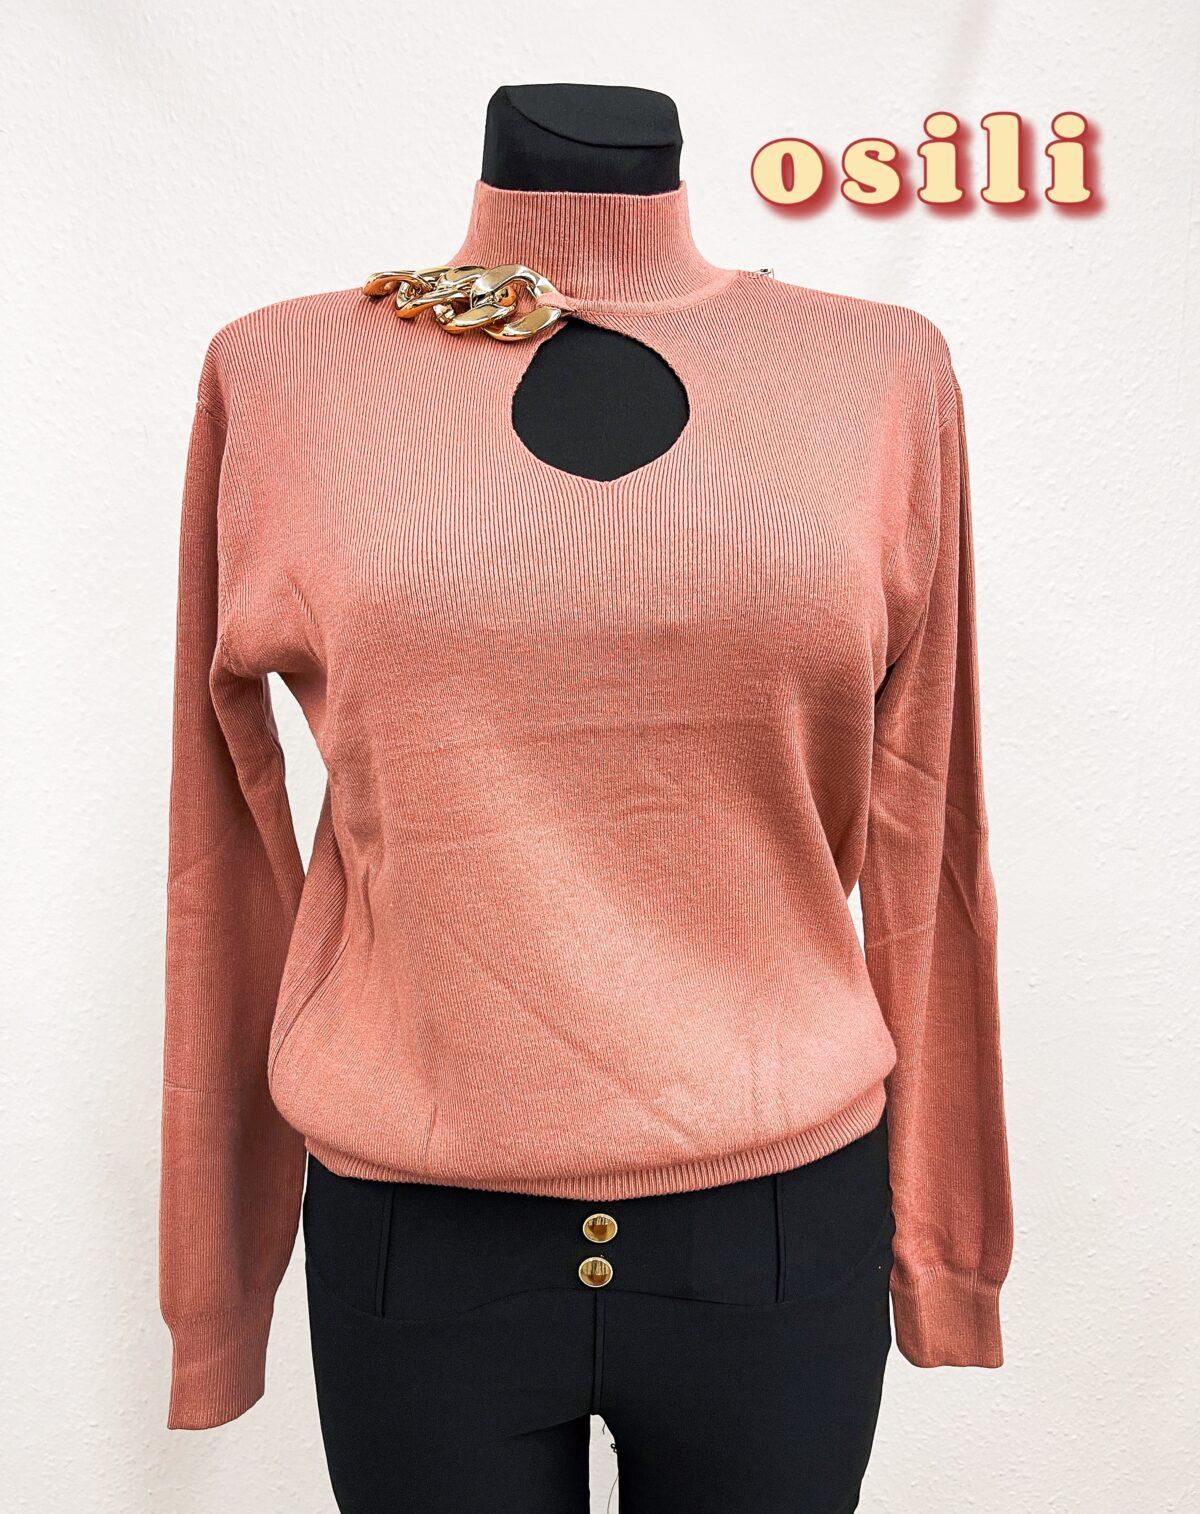 7EC30BFE 915A 4634 BC70 1B12E7127369 scaled Osili - Fashion - Divat